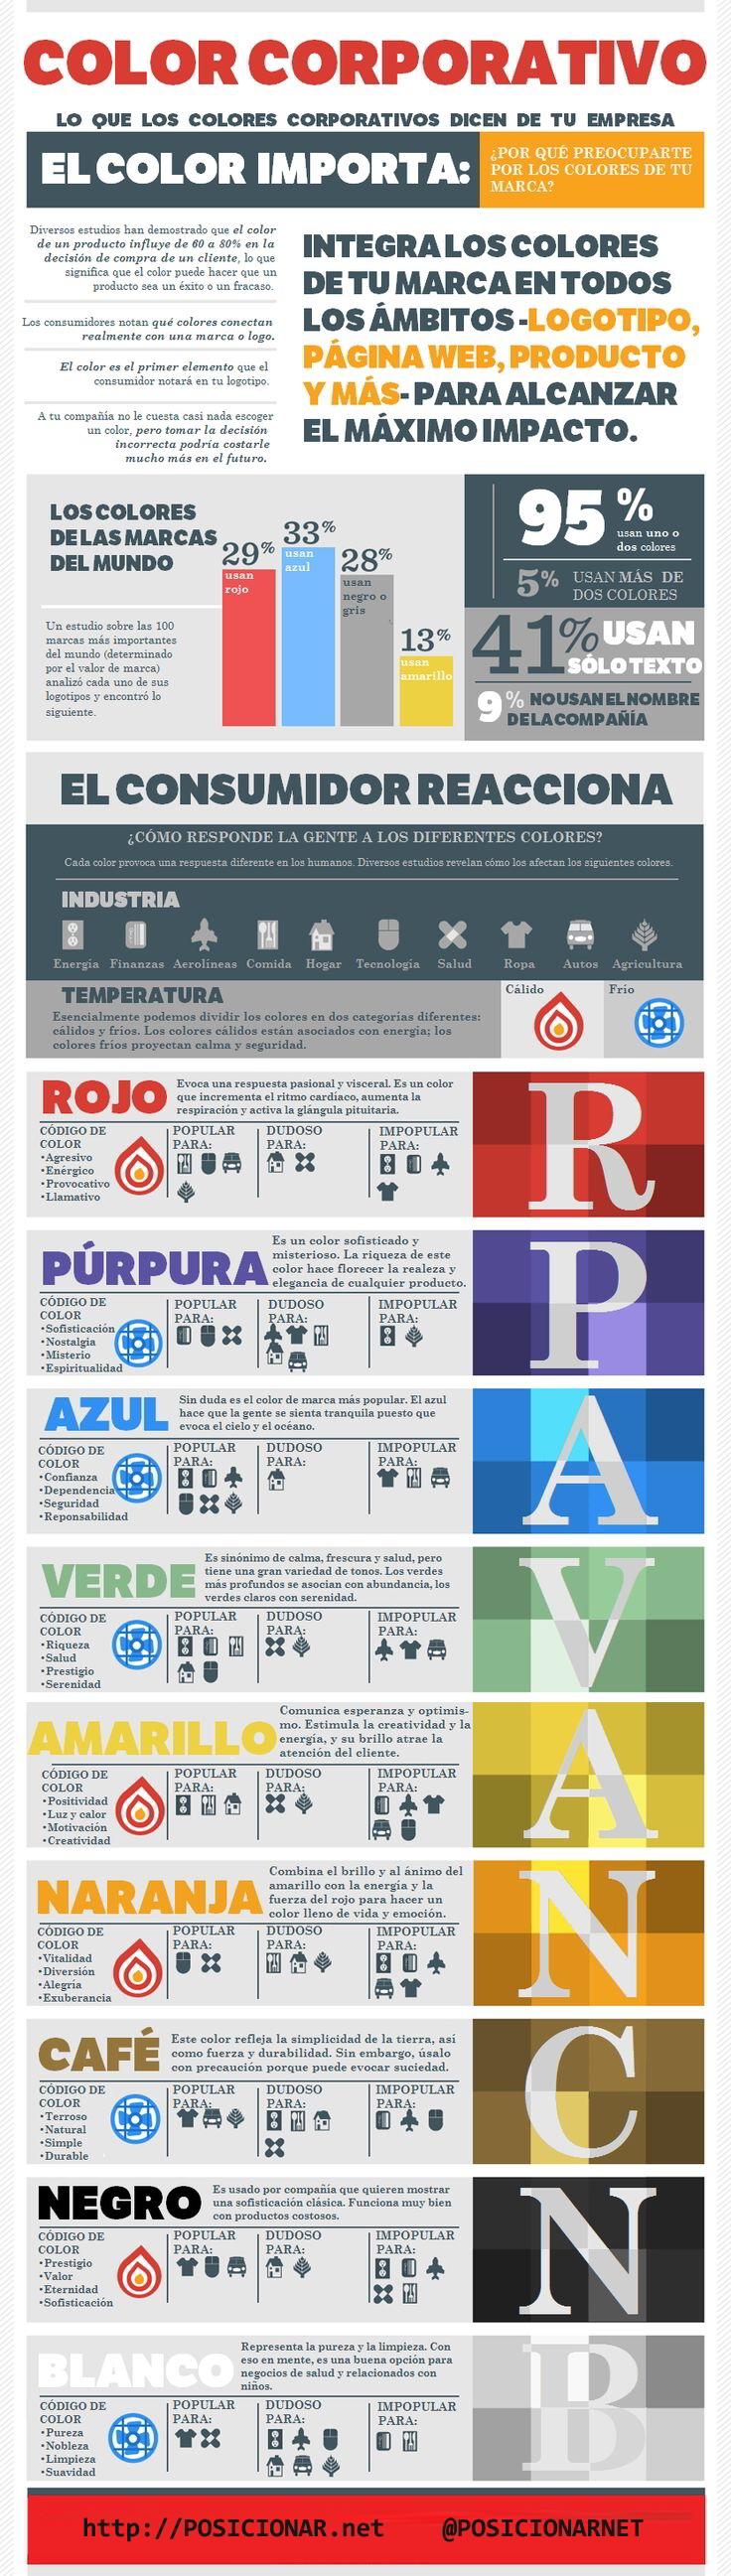 Lo que los colores corporativos dicen de tu empresa